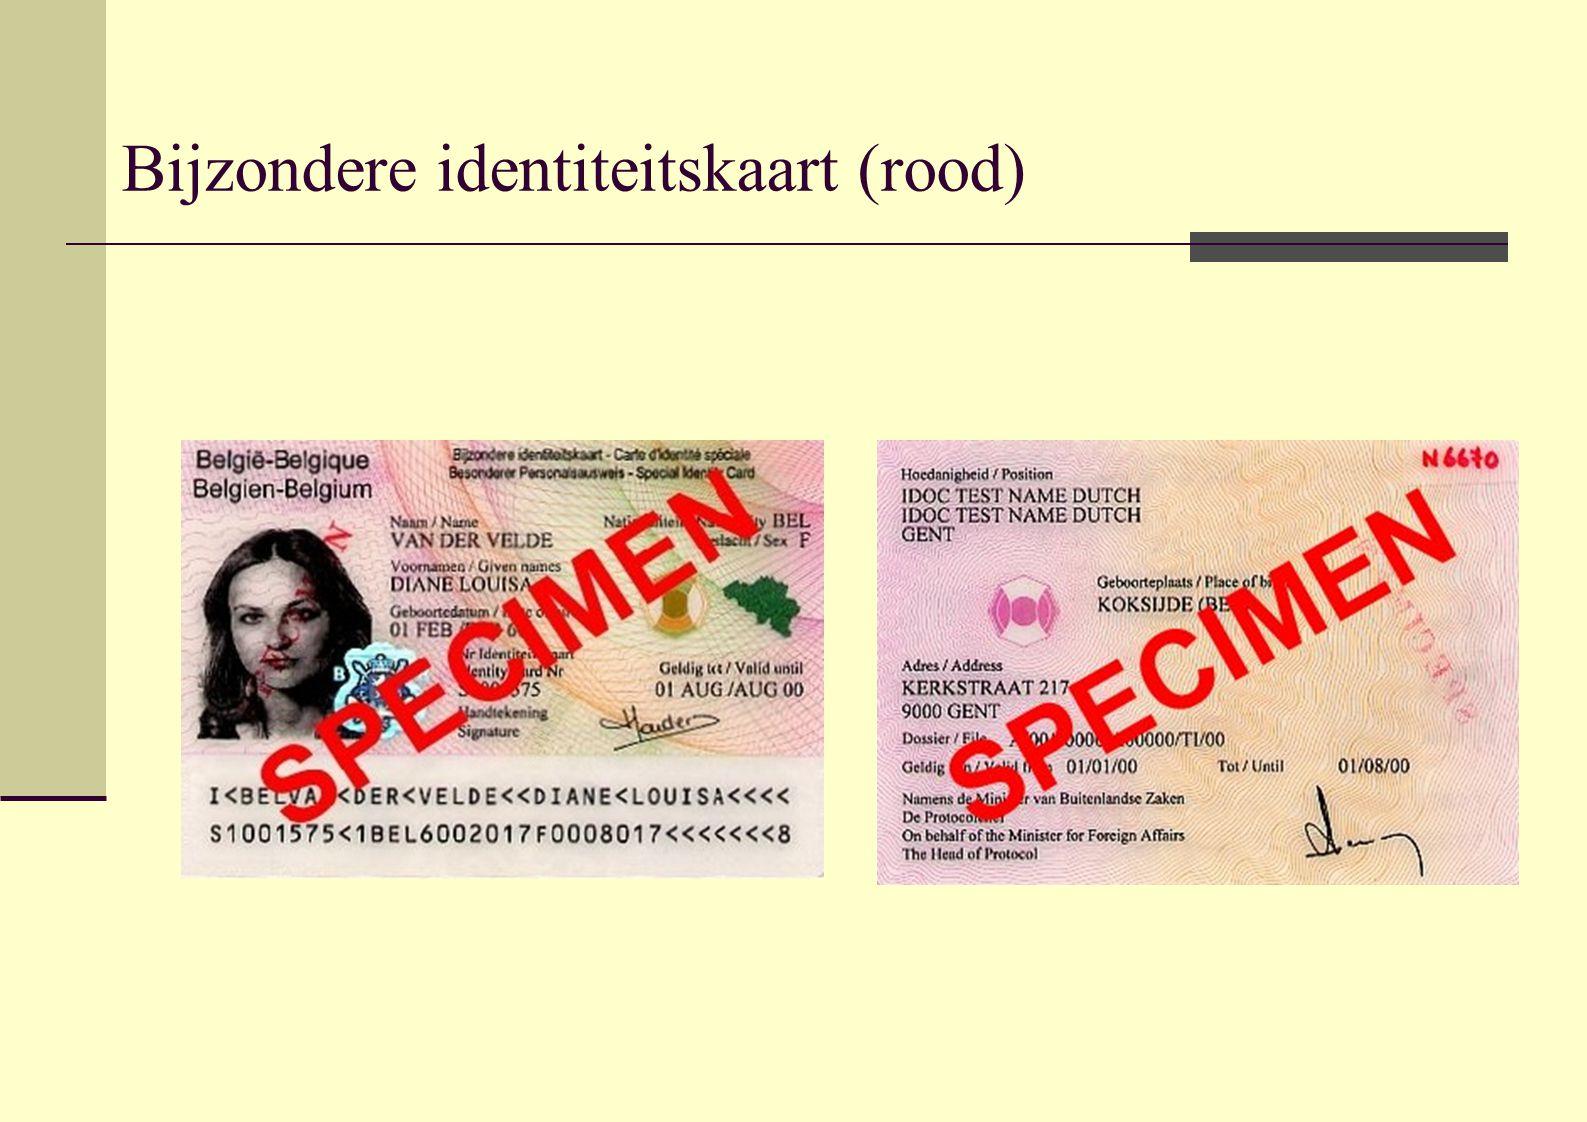 Bijzondere identiteitskaart (rood)